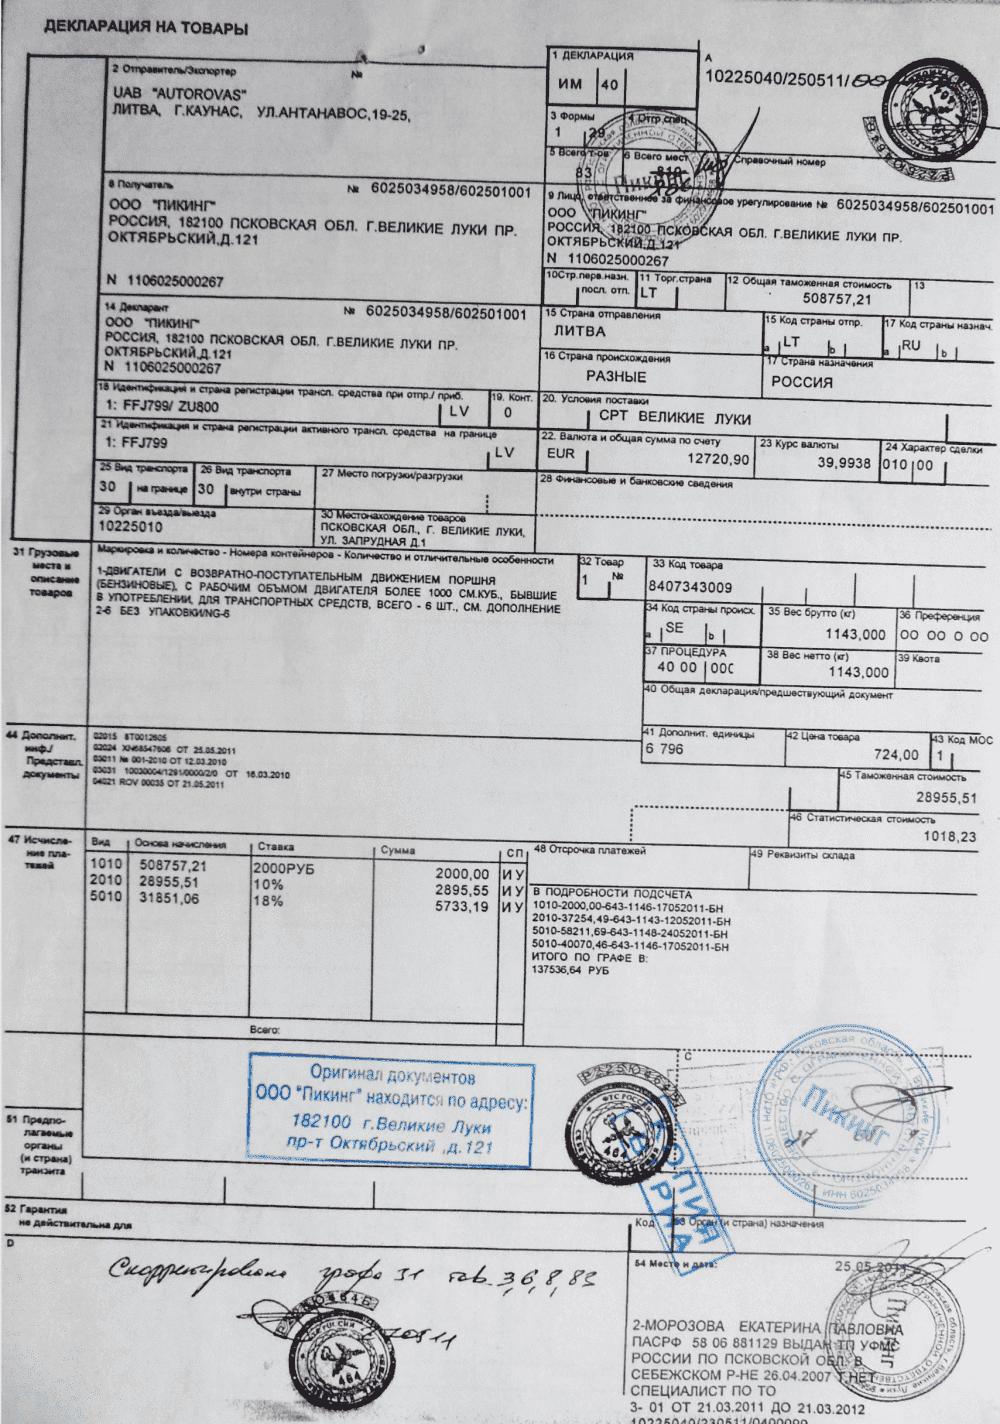 инструкция по заполнению декларации по ндс 2011